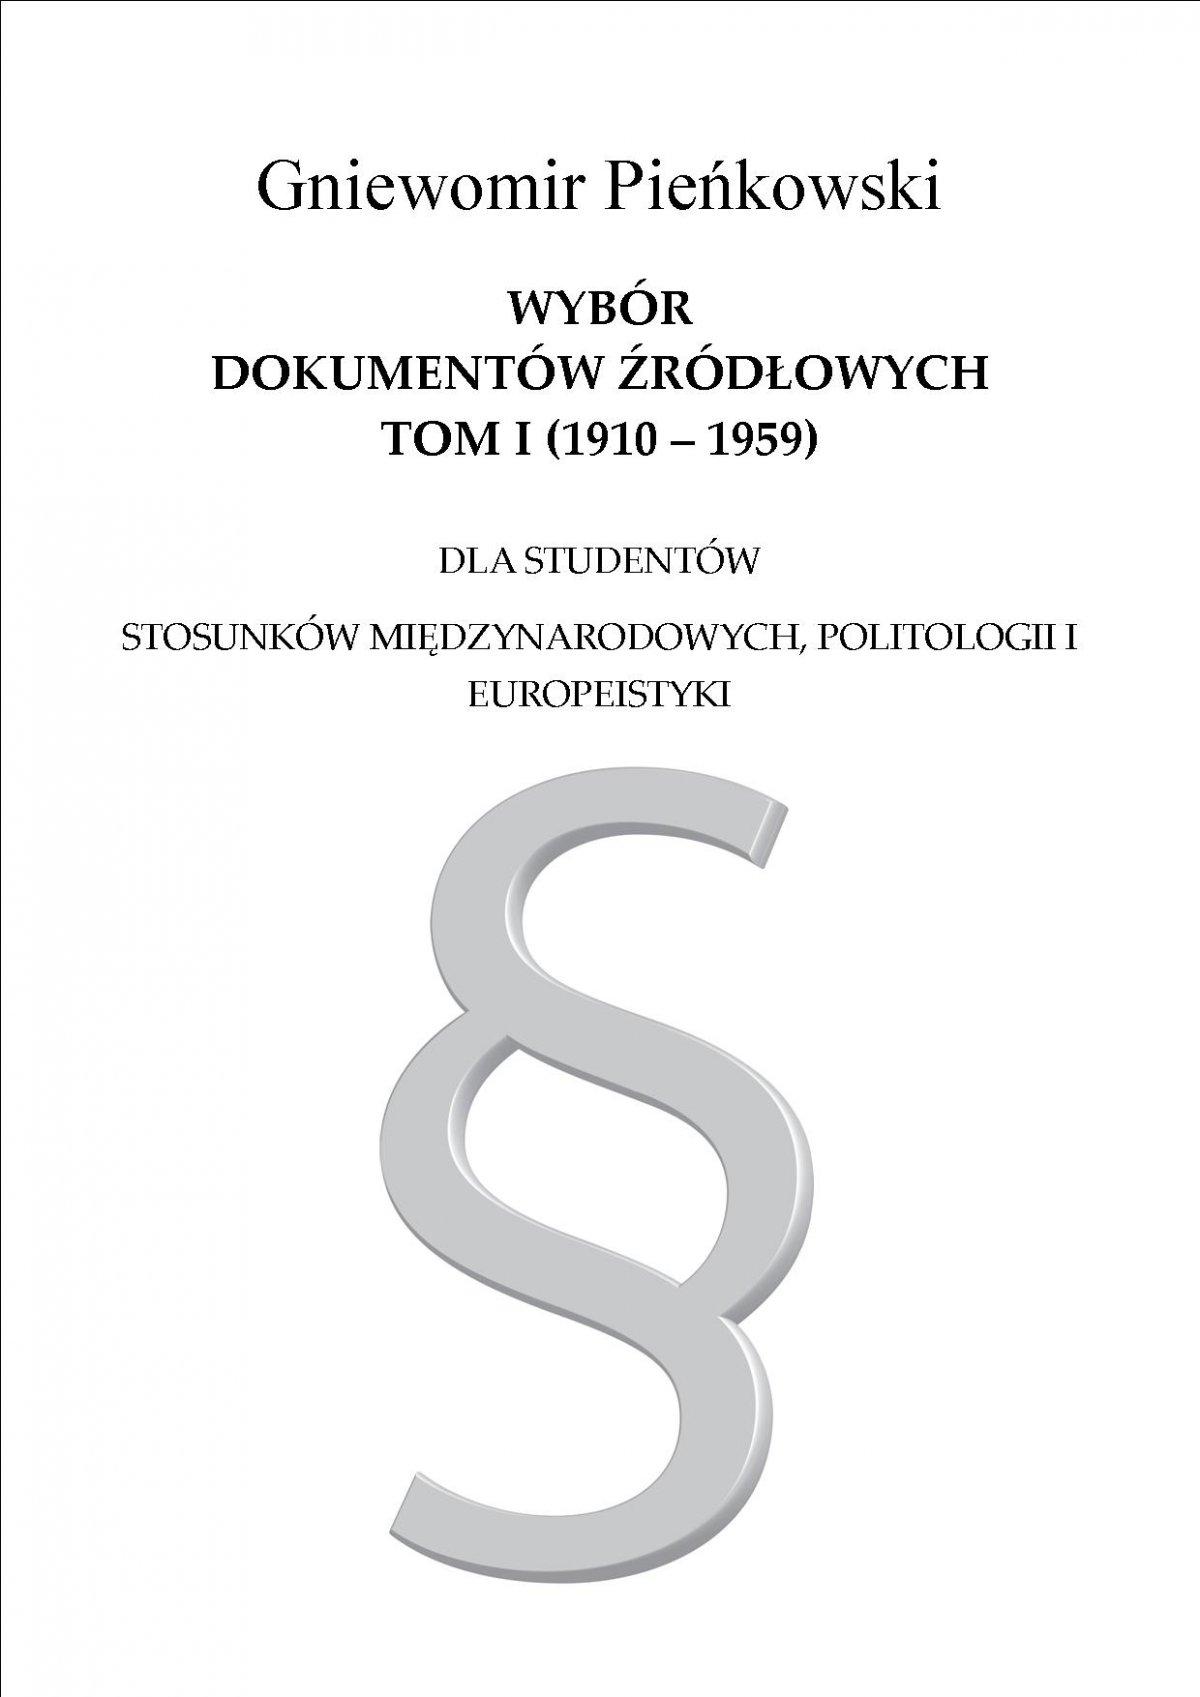 Wybór dokumentów źródłowych dla studentów stosunków międzynarodowych, politologii i europeistyki. Tom I: 1910-1959 - Ebook (Książka PDF) do pobrania w formacie PDF